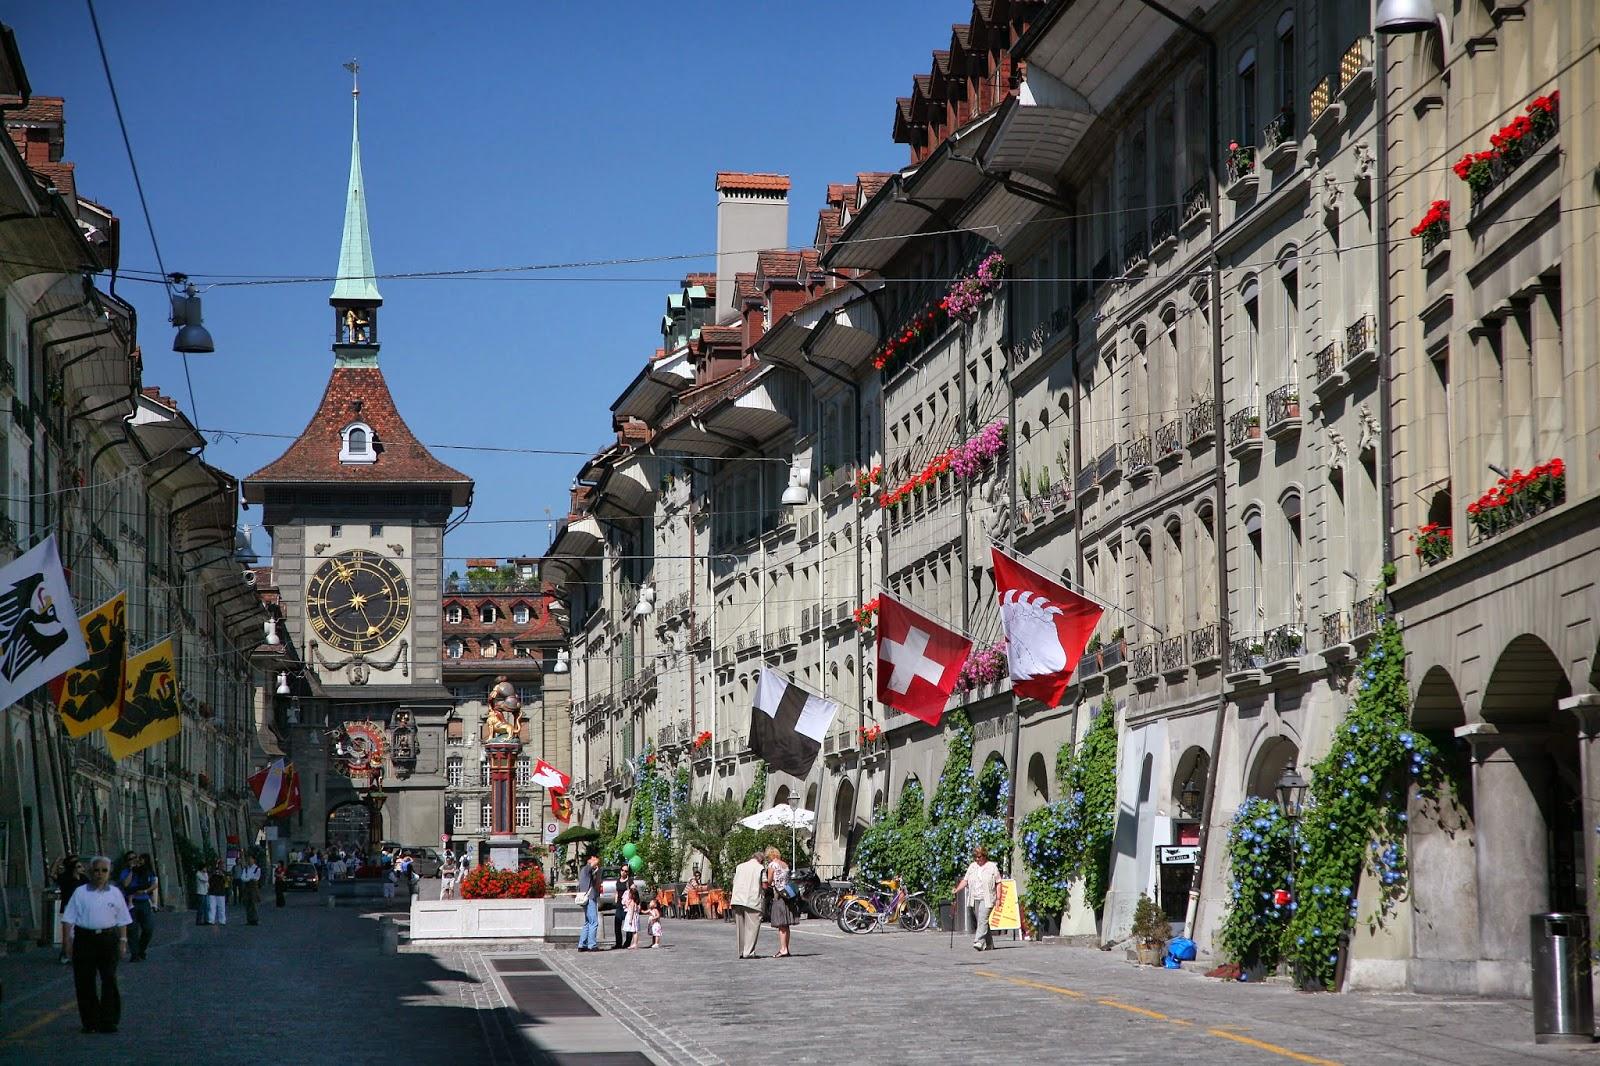 Visita Berna Suiza